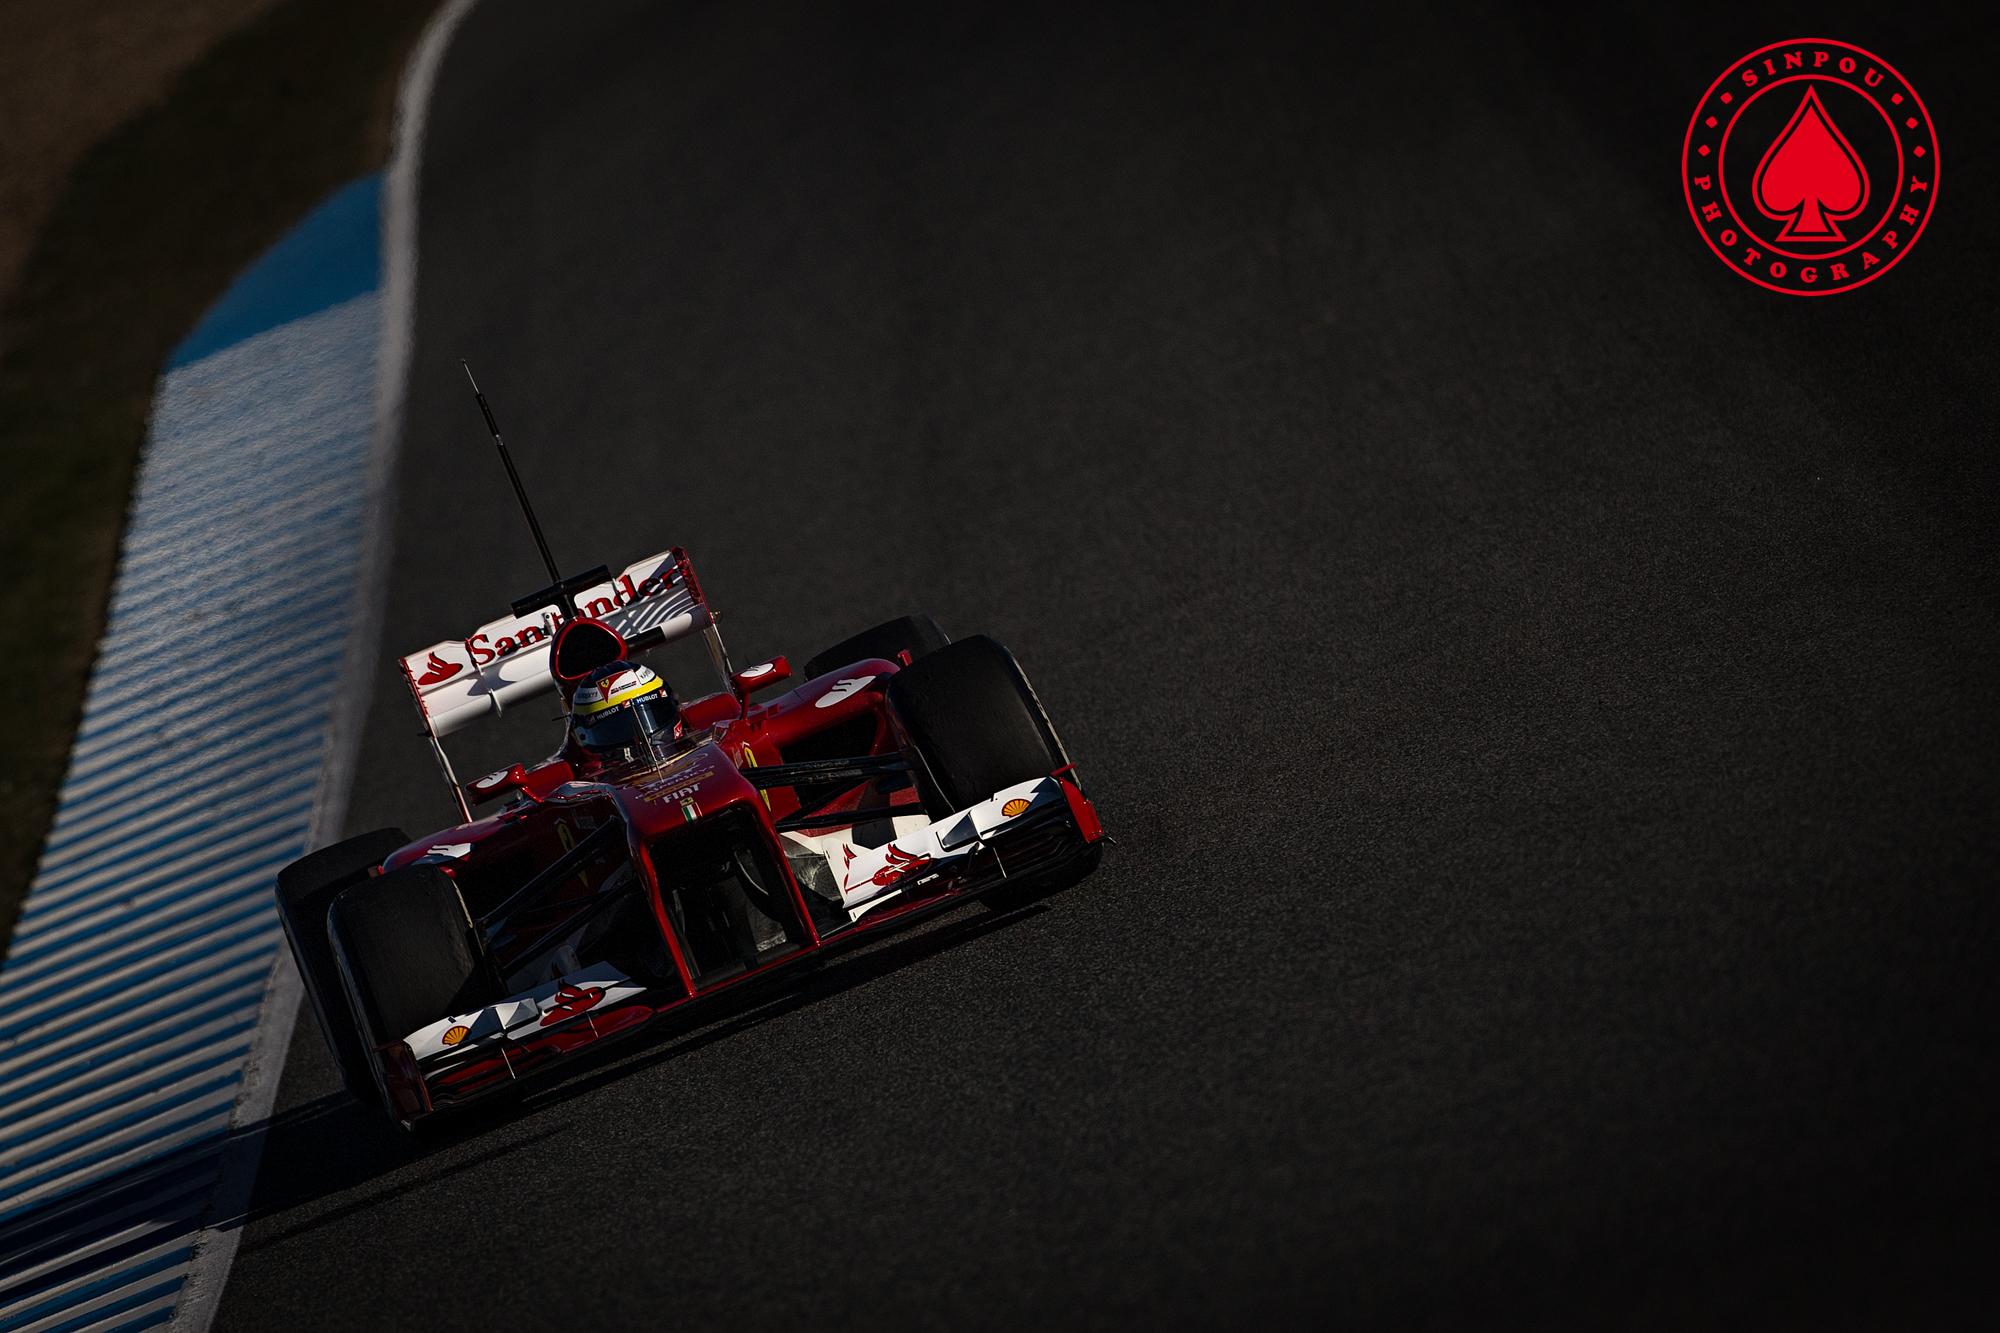 Pedro de la Rosa - Scuderia Ferrari